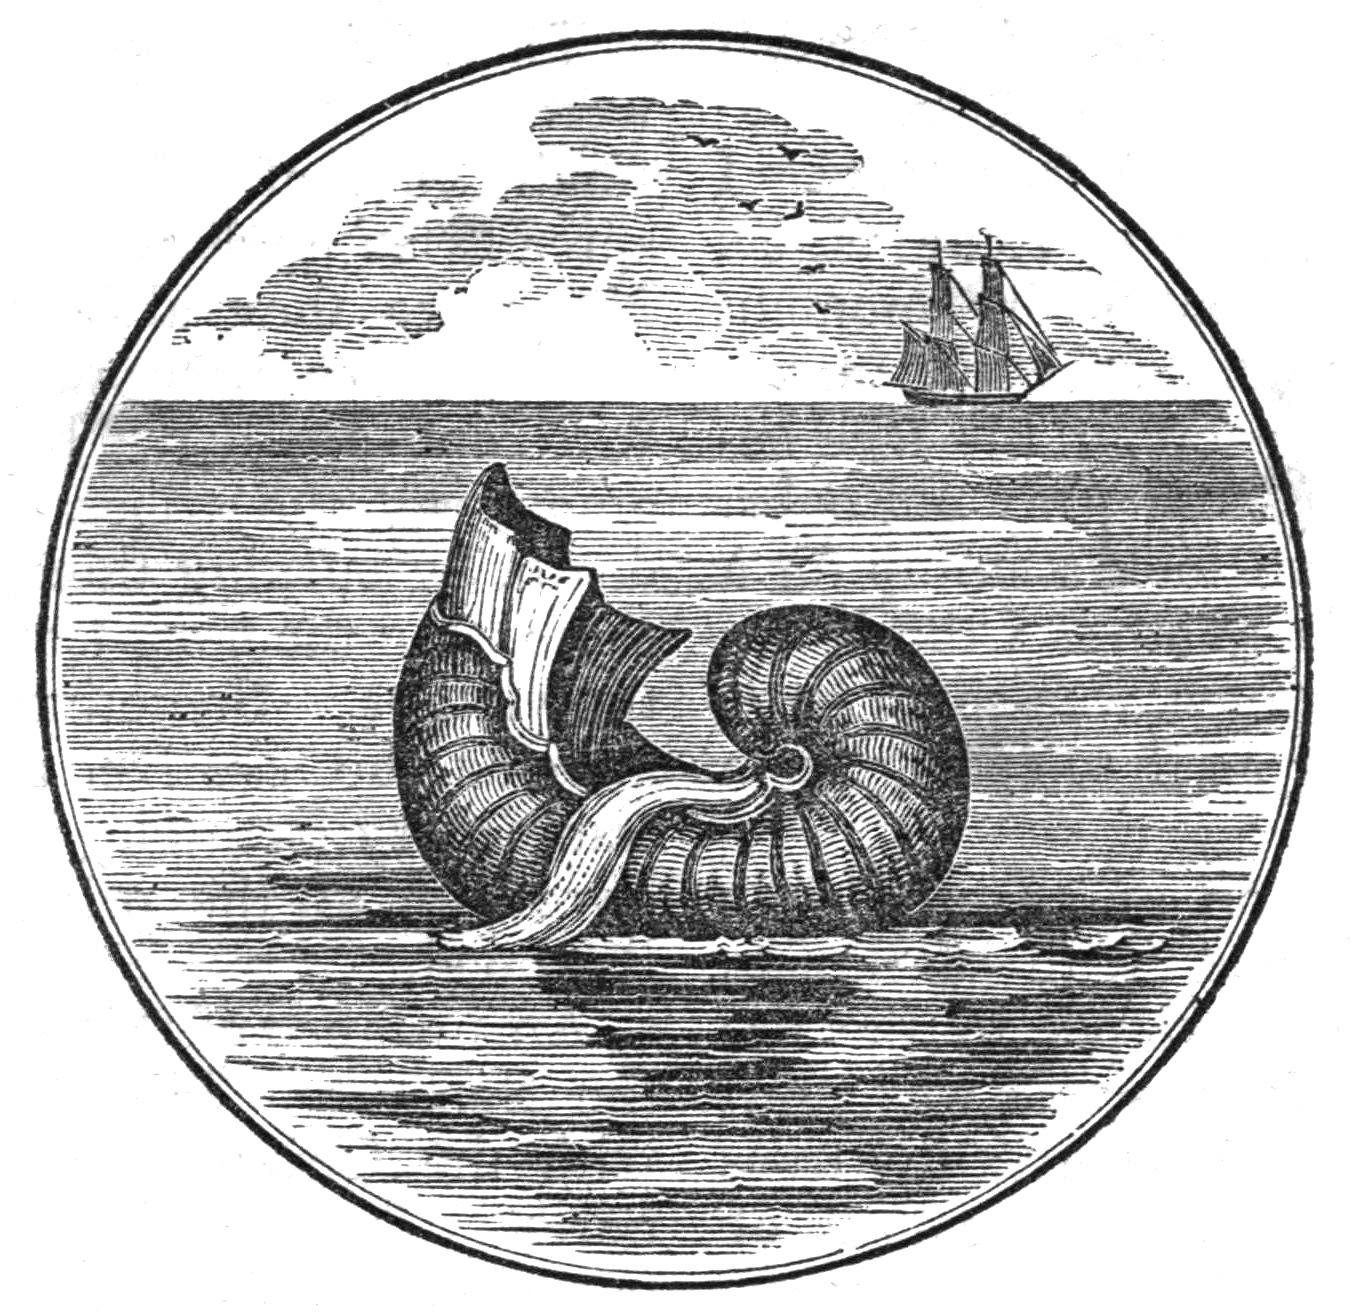 Image of Argonaut